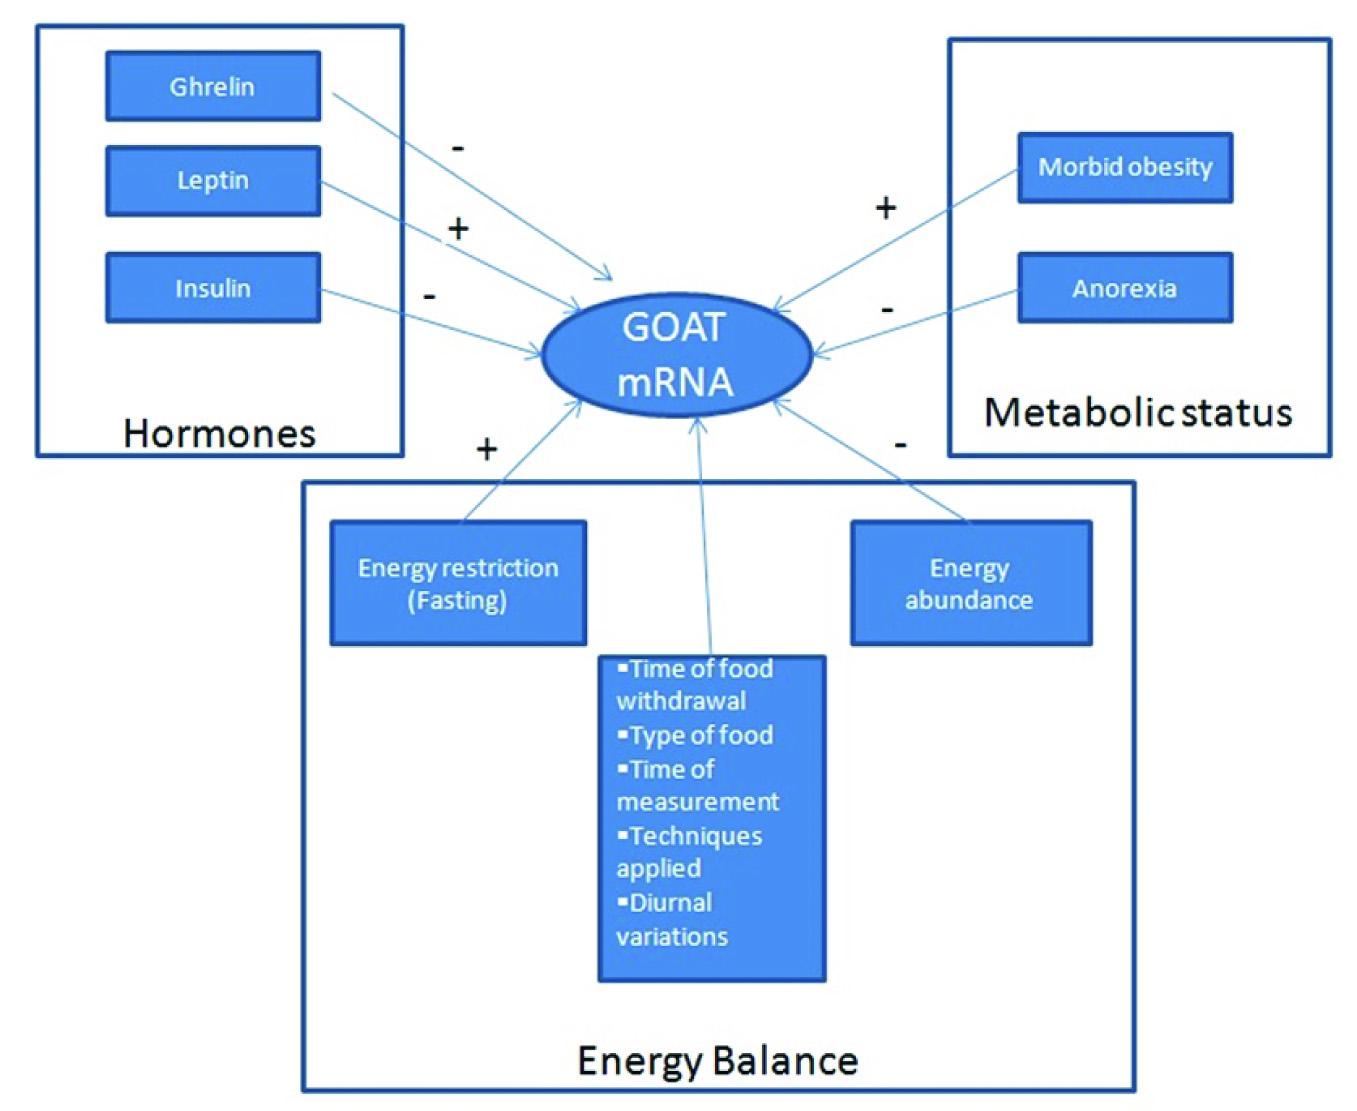 JCDR - Energy balance, Ghrelin, Ghrelin O acyl transferase, Glucose ...